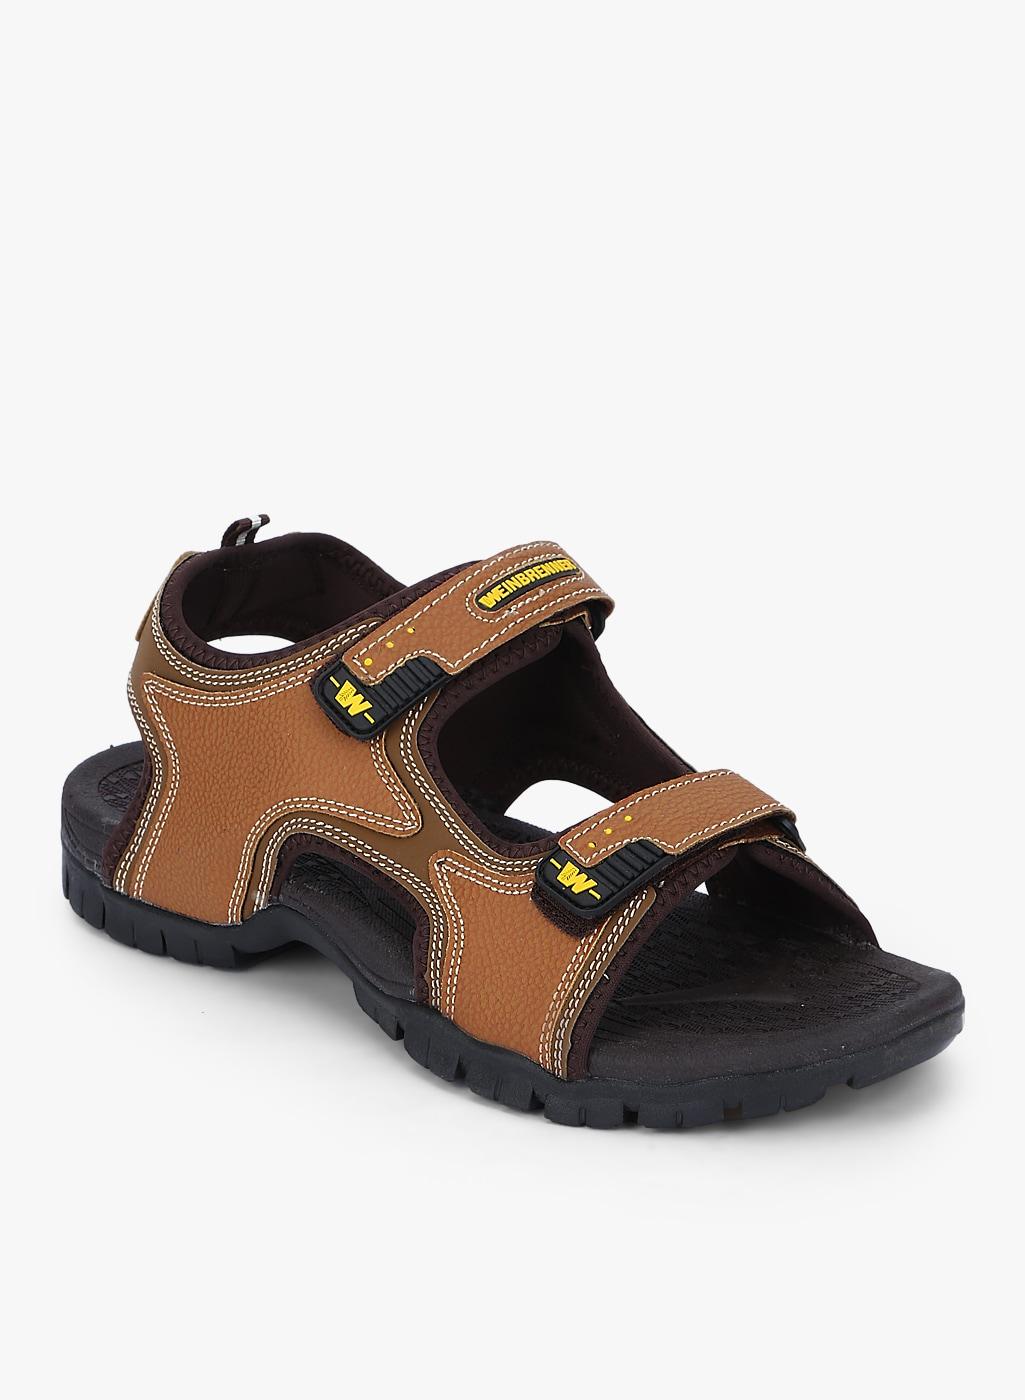 31ed1e7244bc3f 3 Leggings Flip Flops Sandals - Buy 3 Leggings Flip Flops Sandals online in  India